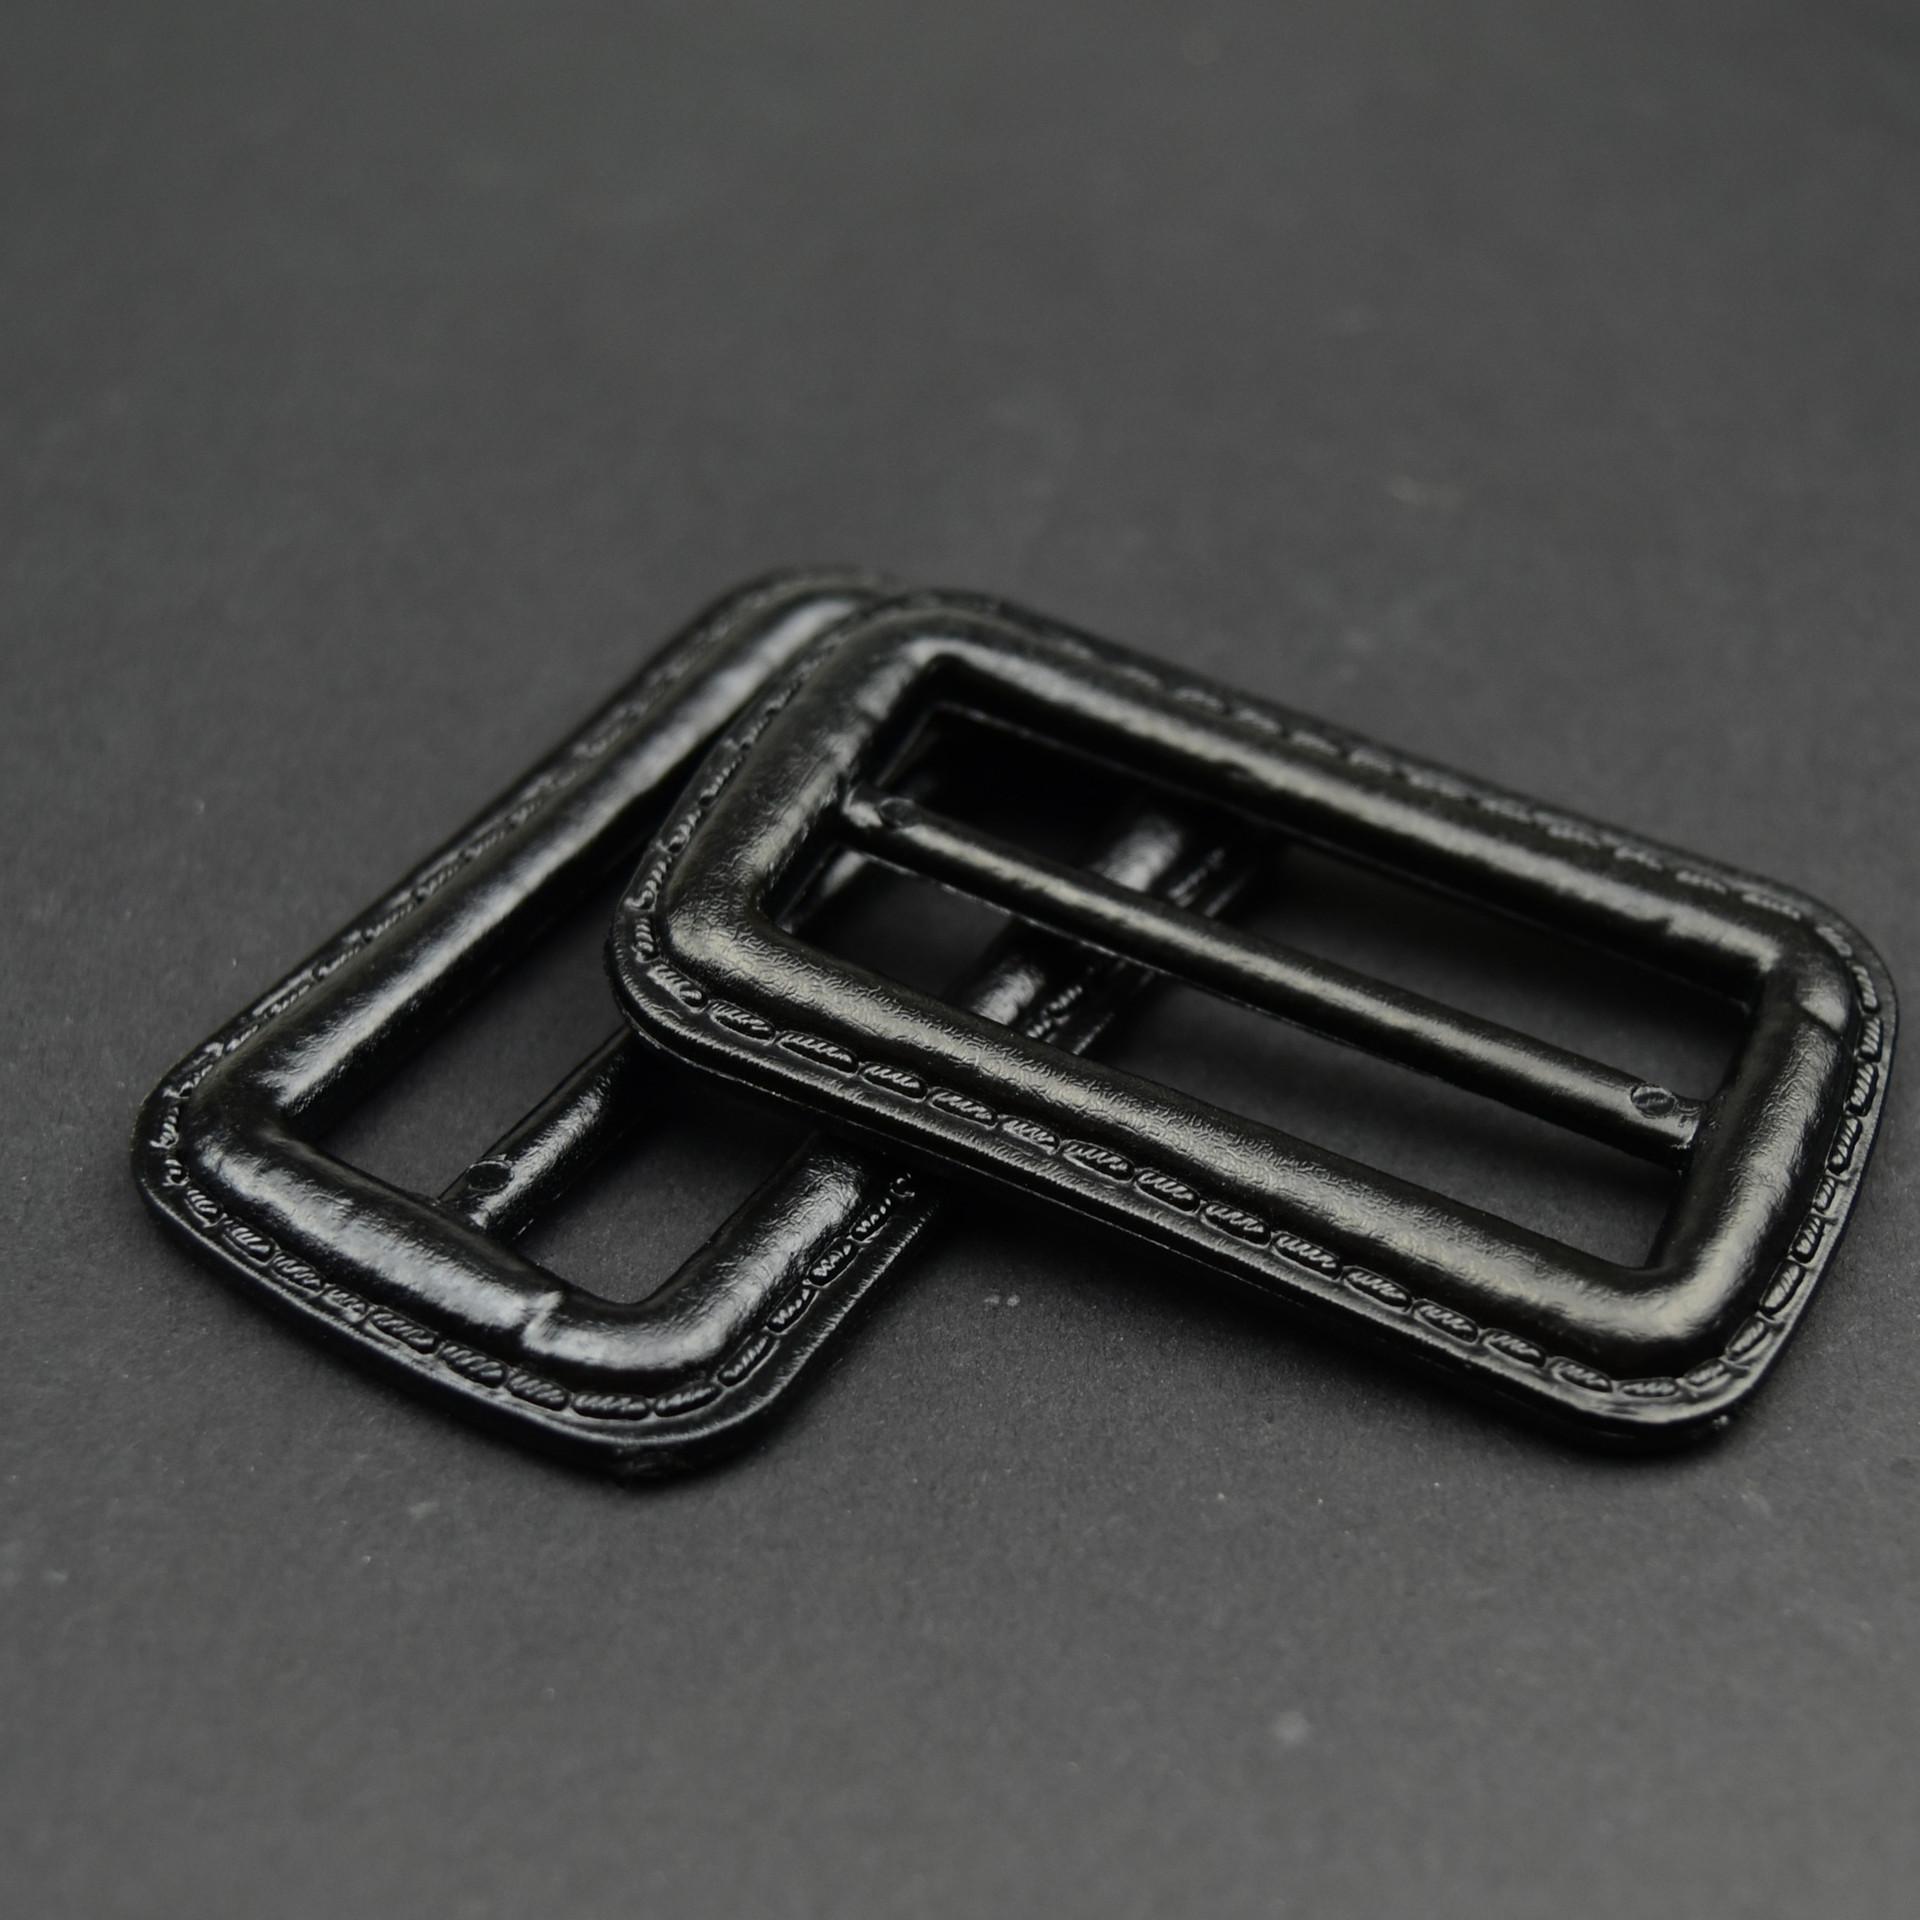 厂家直销仿皮三档扣塑料腰扣女装风衣大衣腰带衣袖腰扣现货